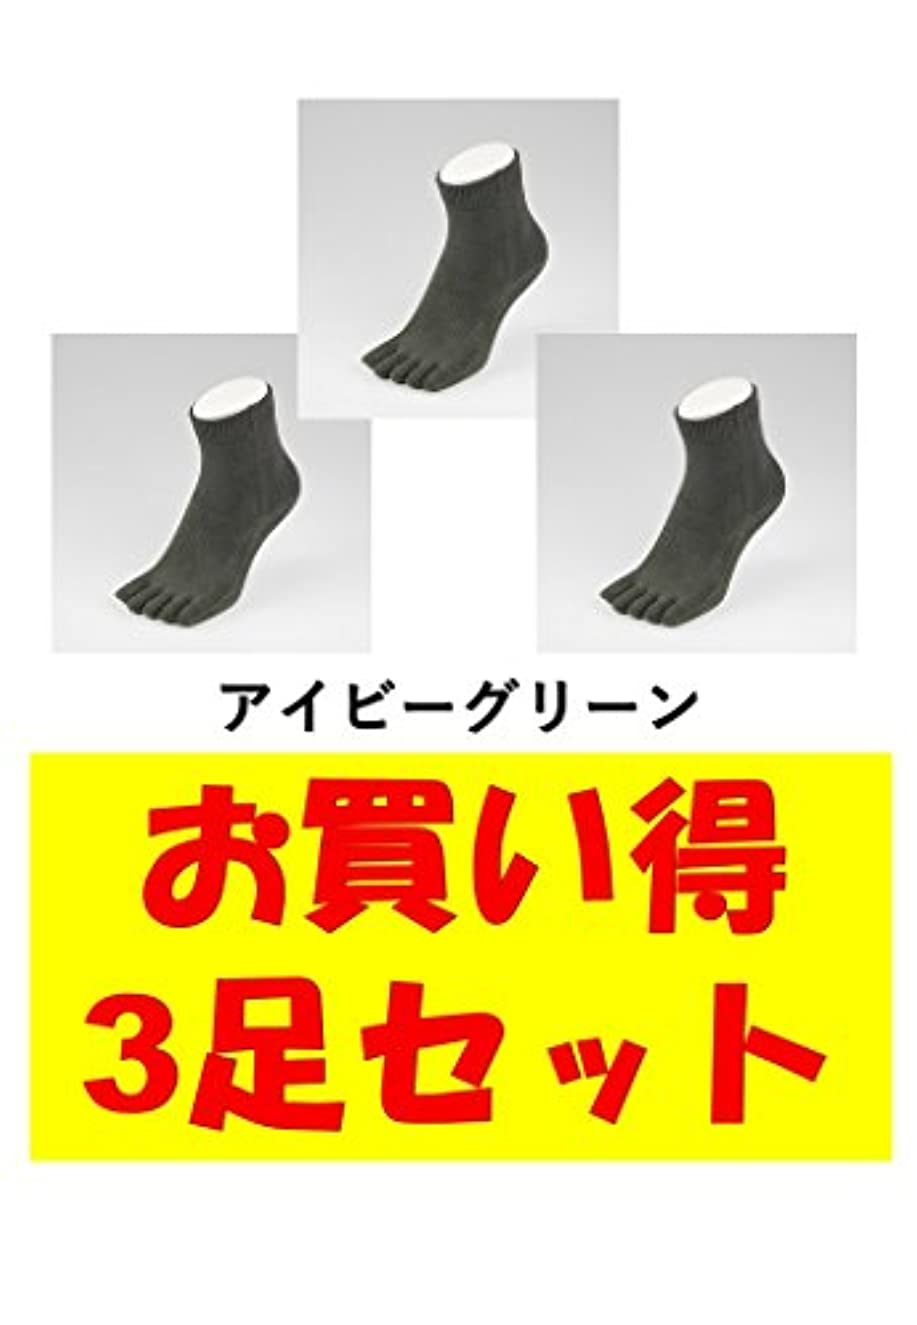 上昇化粧大いにお買い得3足セット 5本指 ゆびのばソックス Neo EVE(イヴ) アイビーグリーン Sサイズ(21.0cm - 24.0cm) YSNEVE-IGR